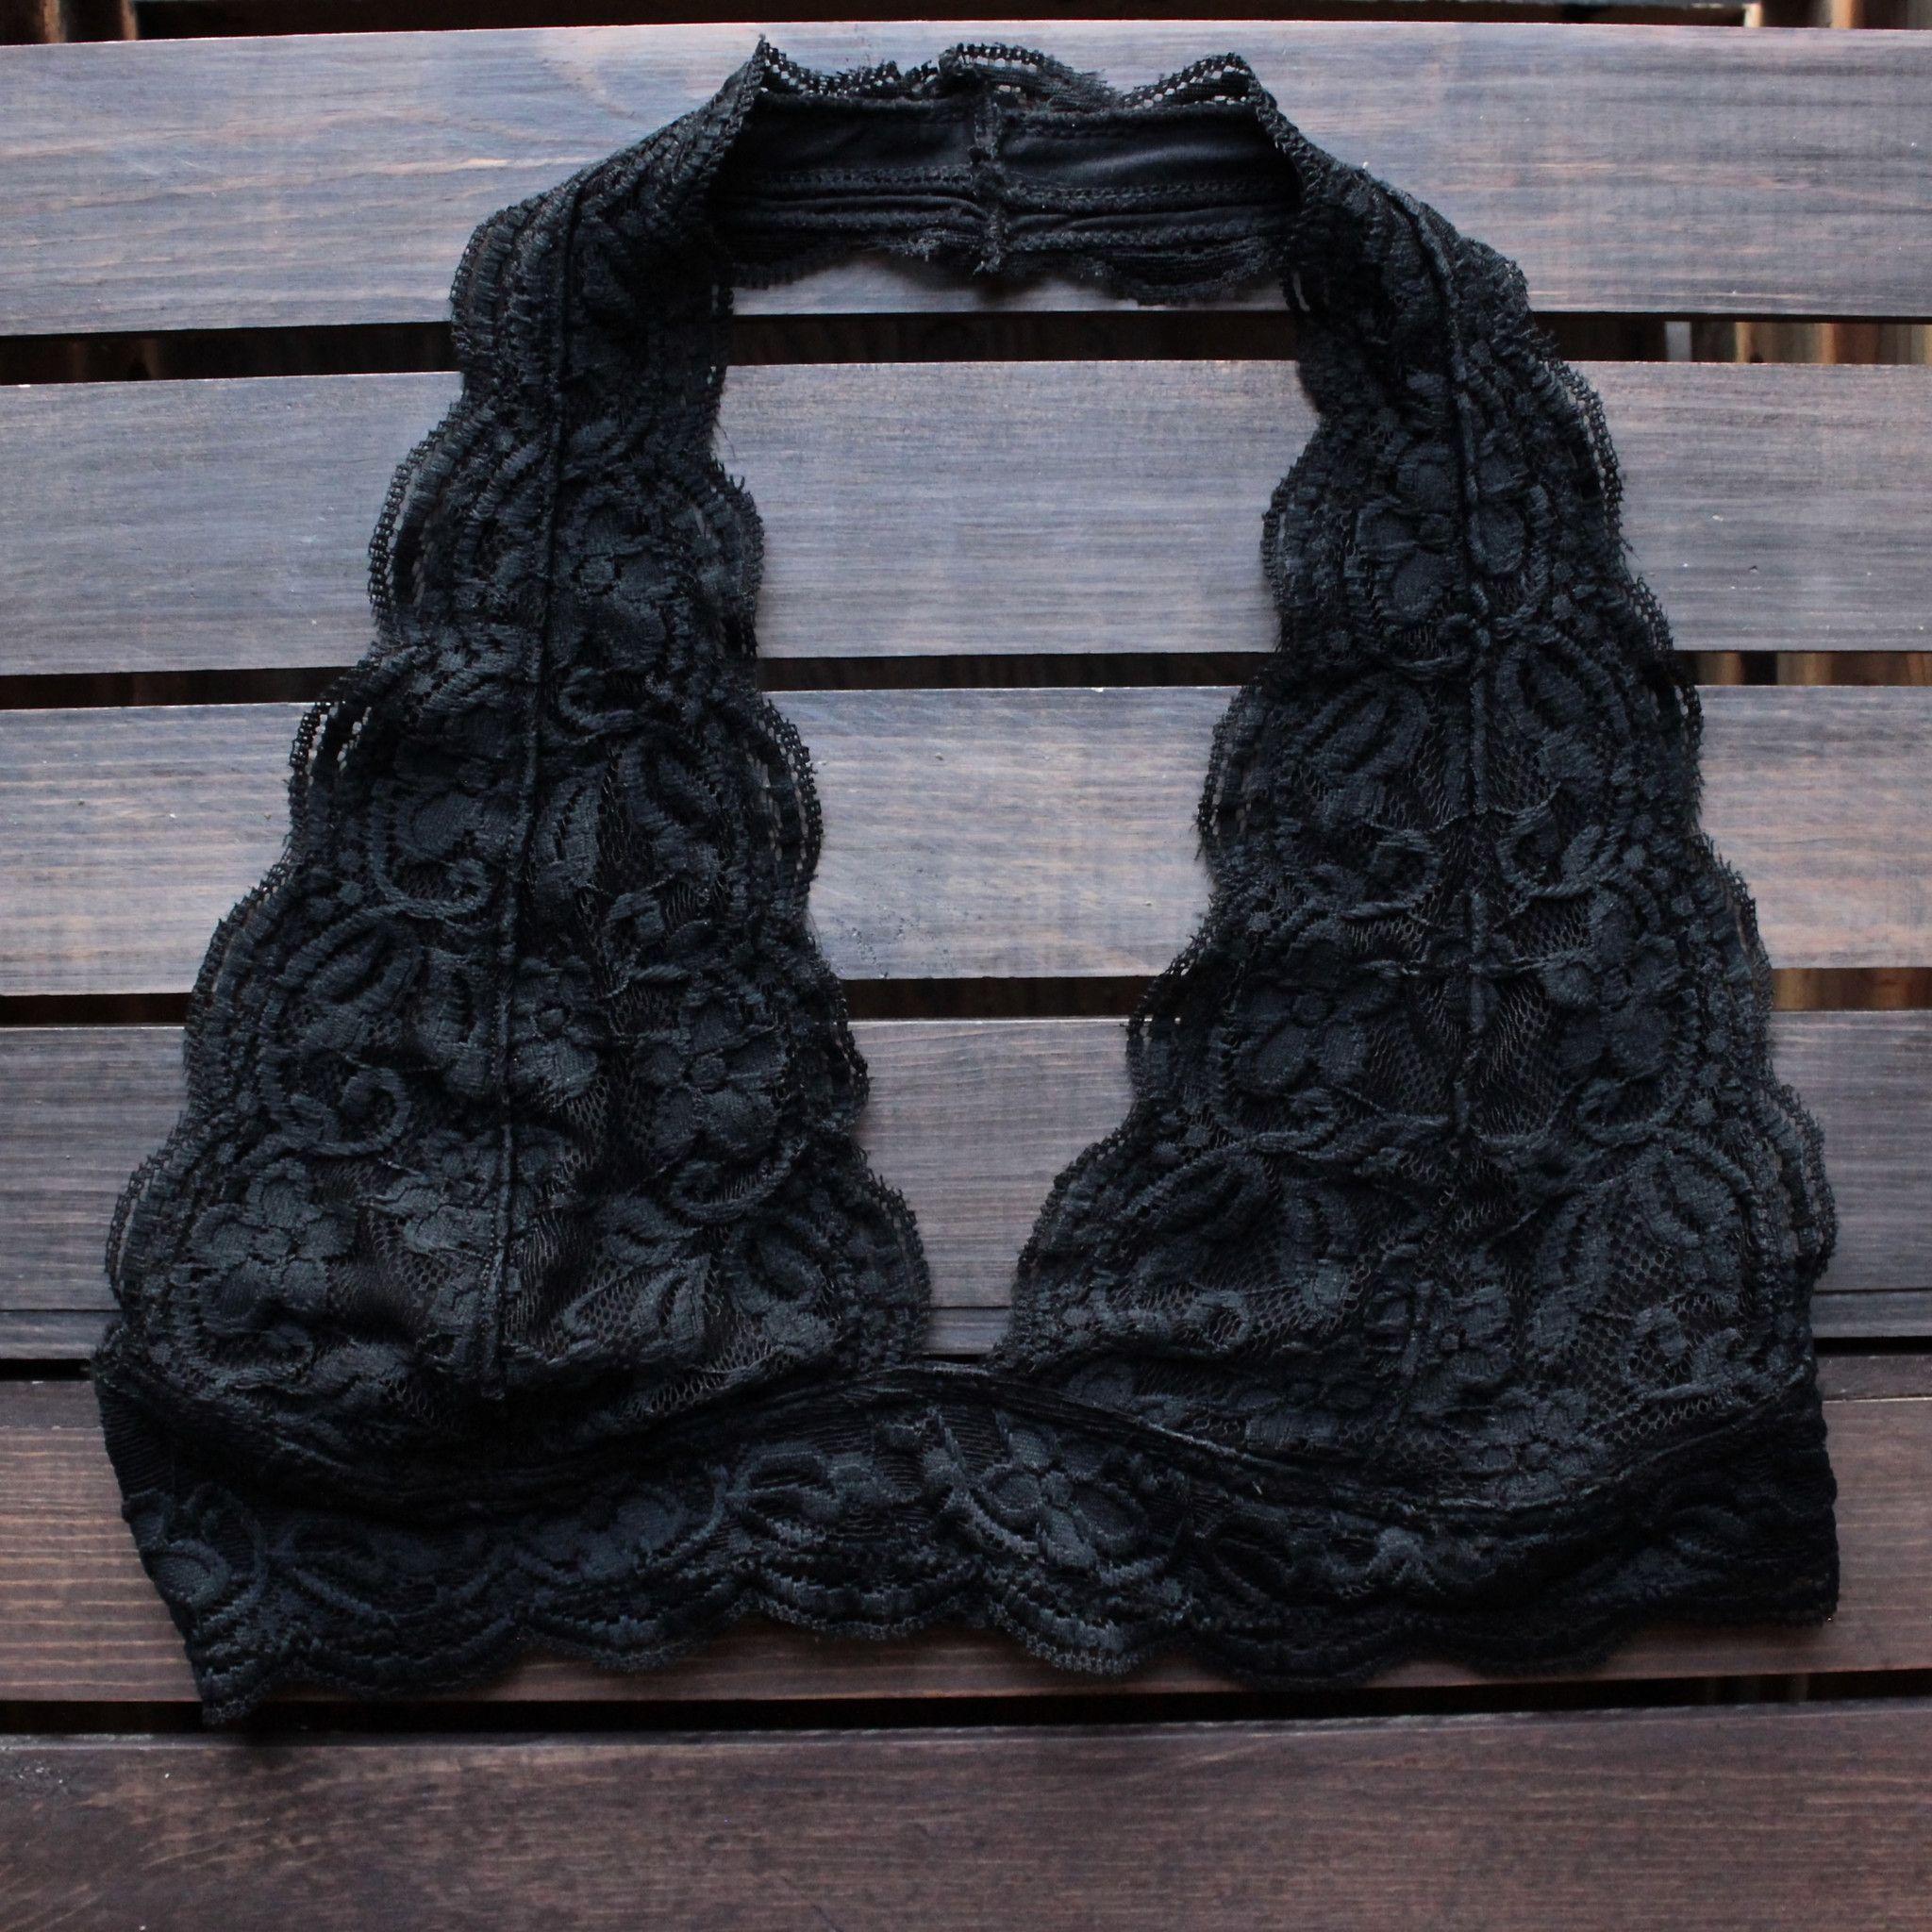 76d5e3ecb47 freedom halter lace bralette (4 colors) - shophearts - 1